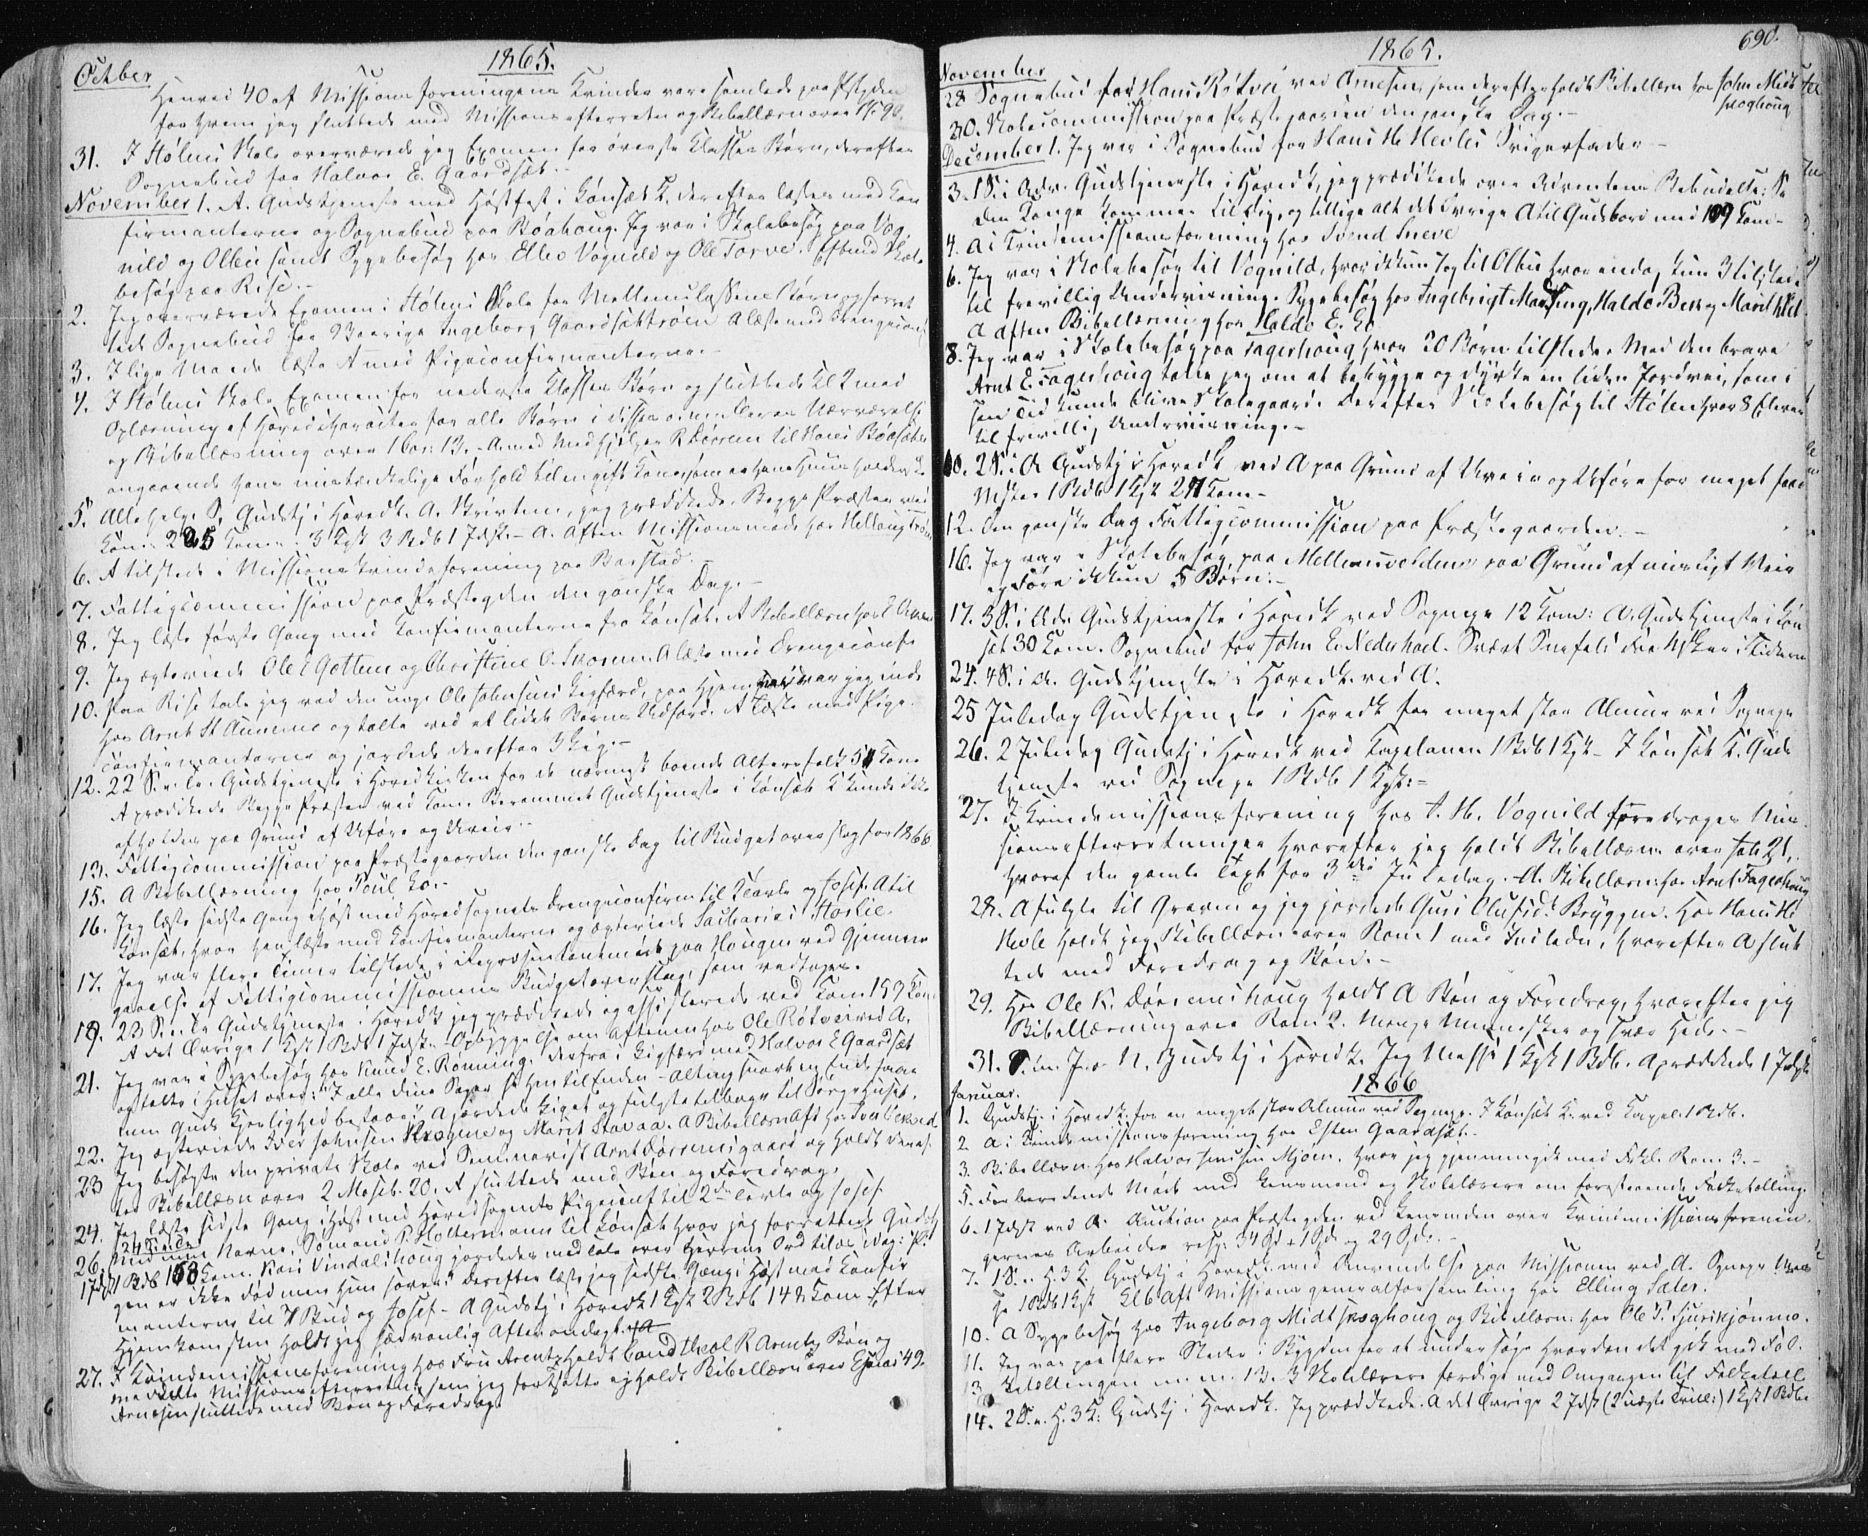 SAT, Ministerialprotokoller, klokkerbøker og fødselsregistre - Sør-Trøndelag, 678/L0899: Ministerialbok nr. 678A08, 1848-1872, s. 690